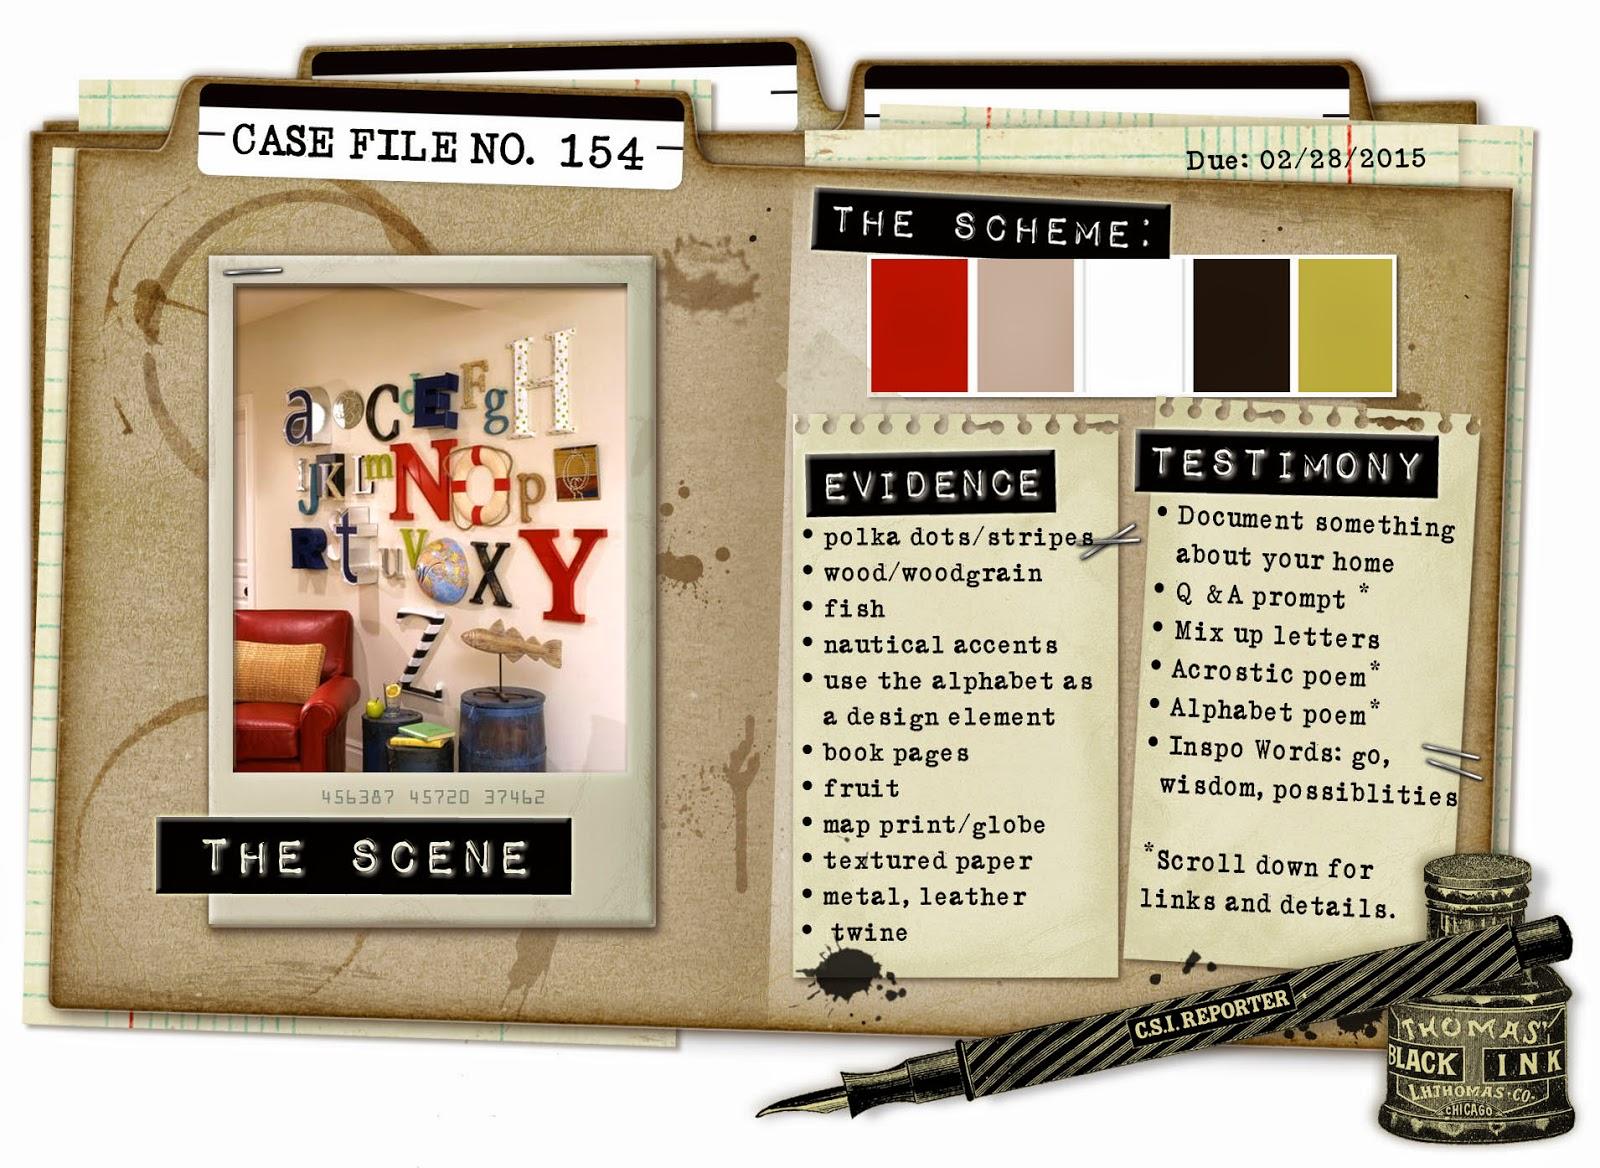 CSI case file #154